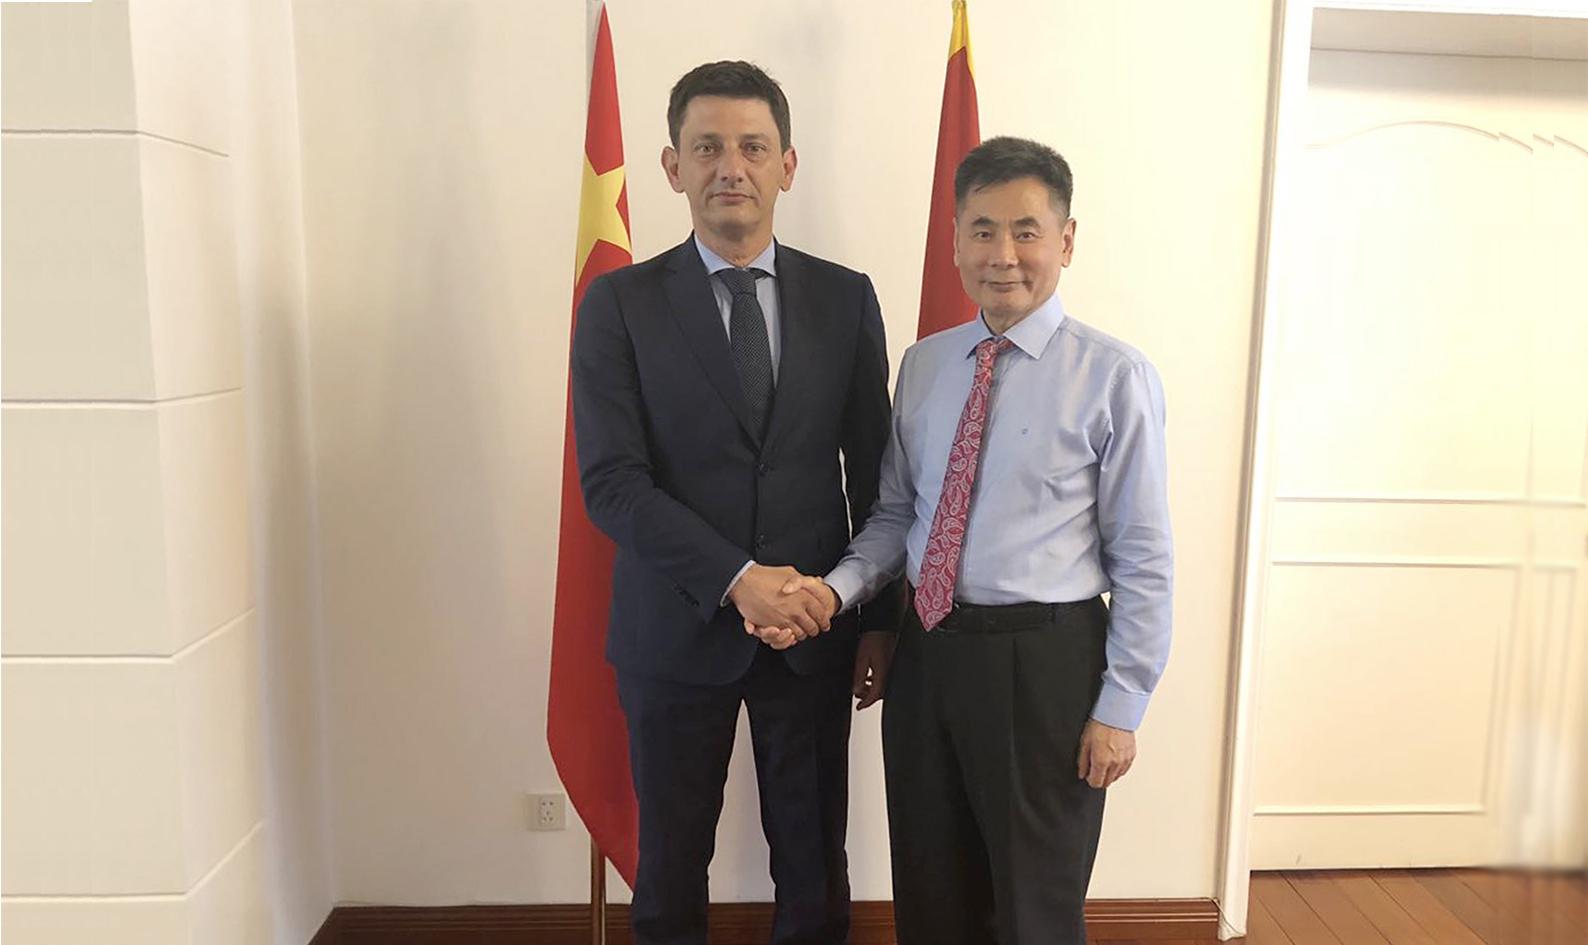 黑山驻华大使亲切会见世贸通集团董事长Winner Xing博士